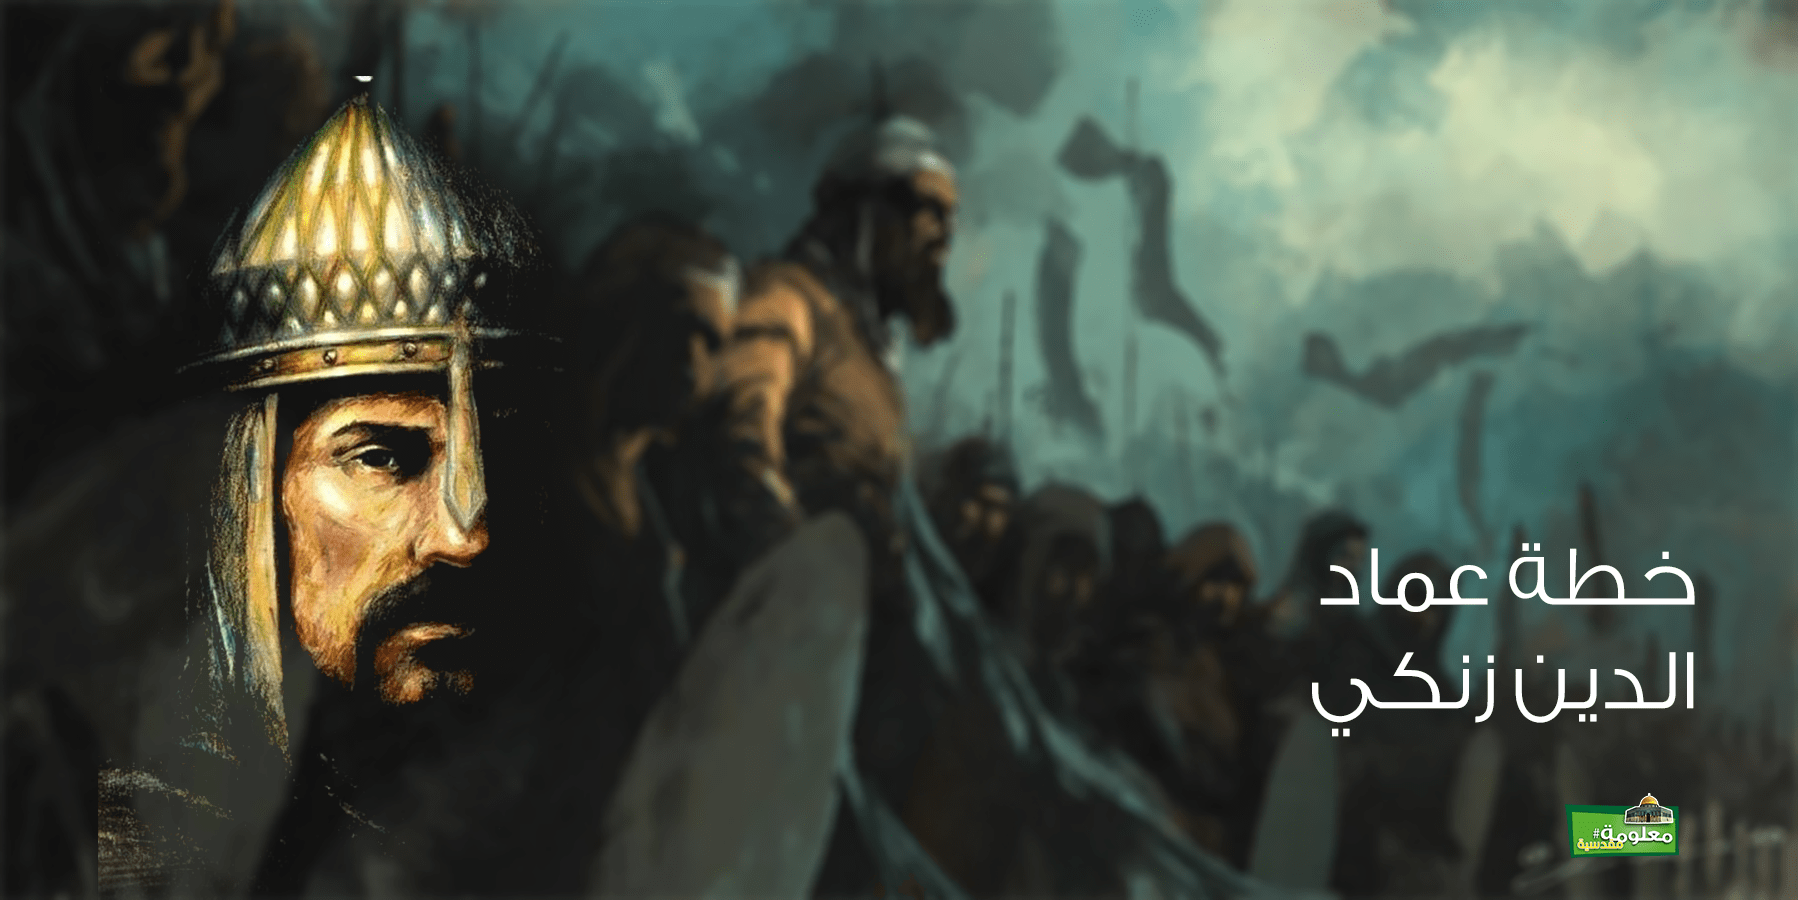 دور نور الدين الزنكي في تأسيس ركيزة جيل صلاح الدين